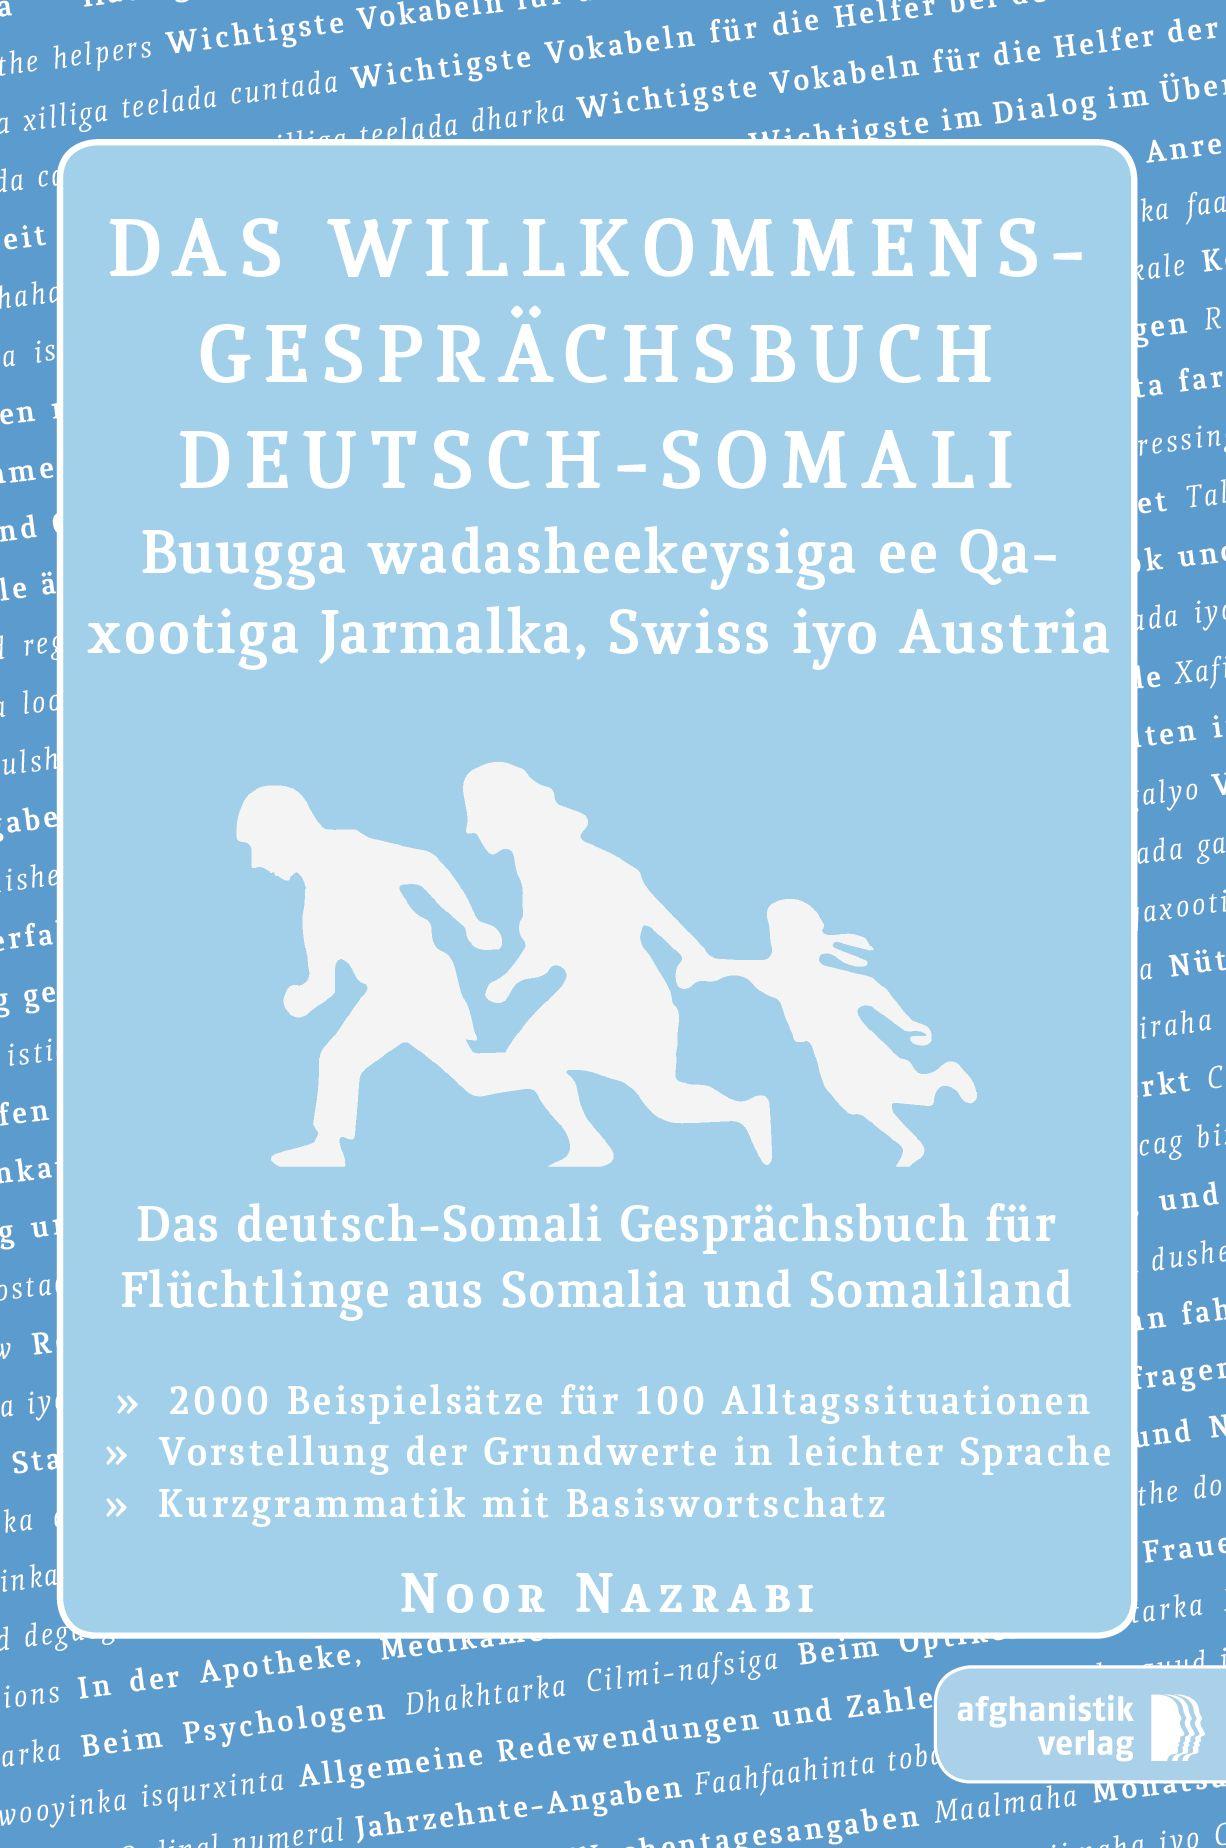 das willkommens gespr chsbuch deutsch somali von das